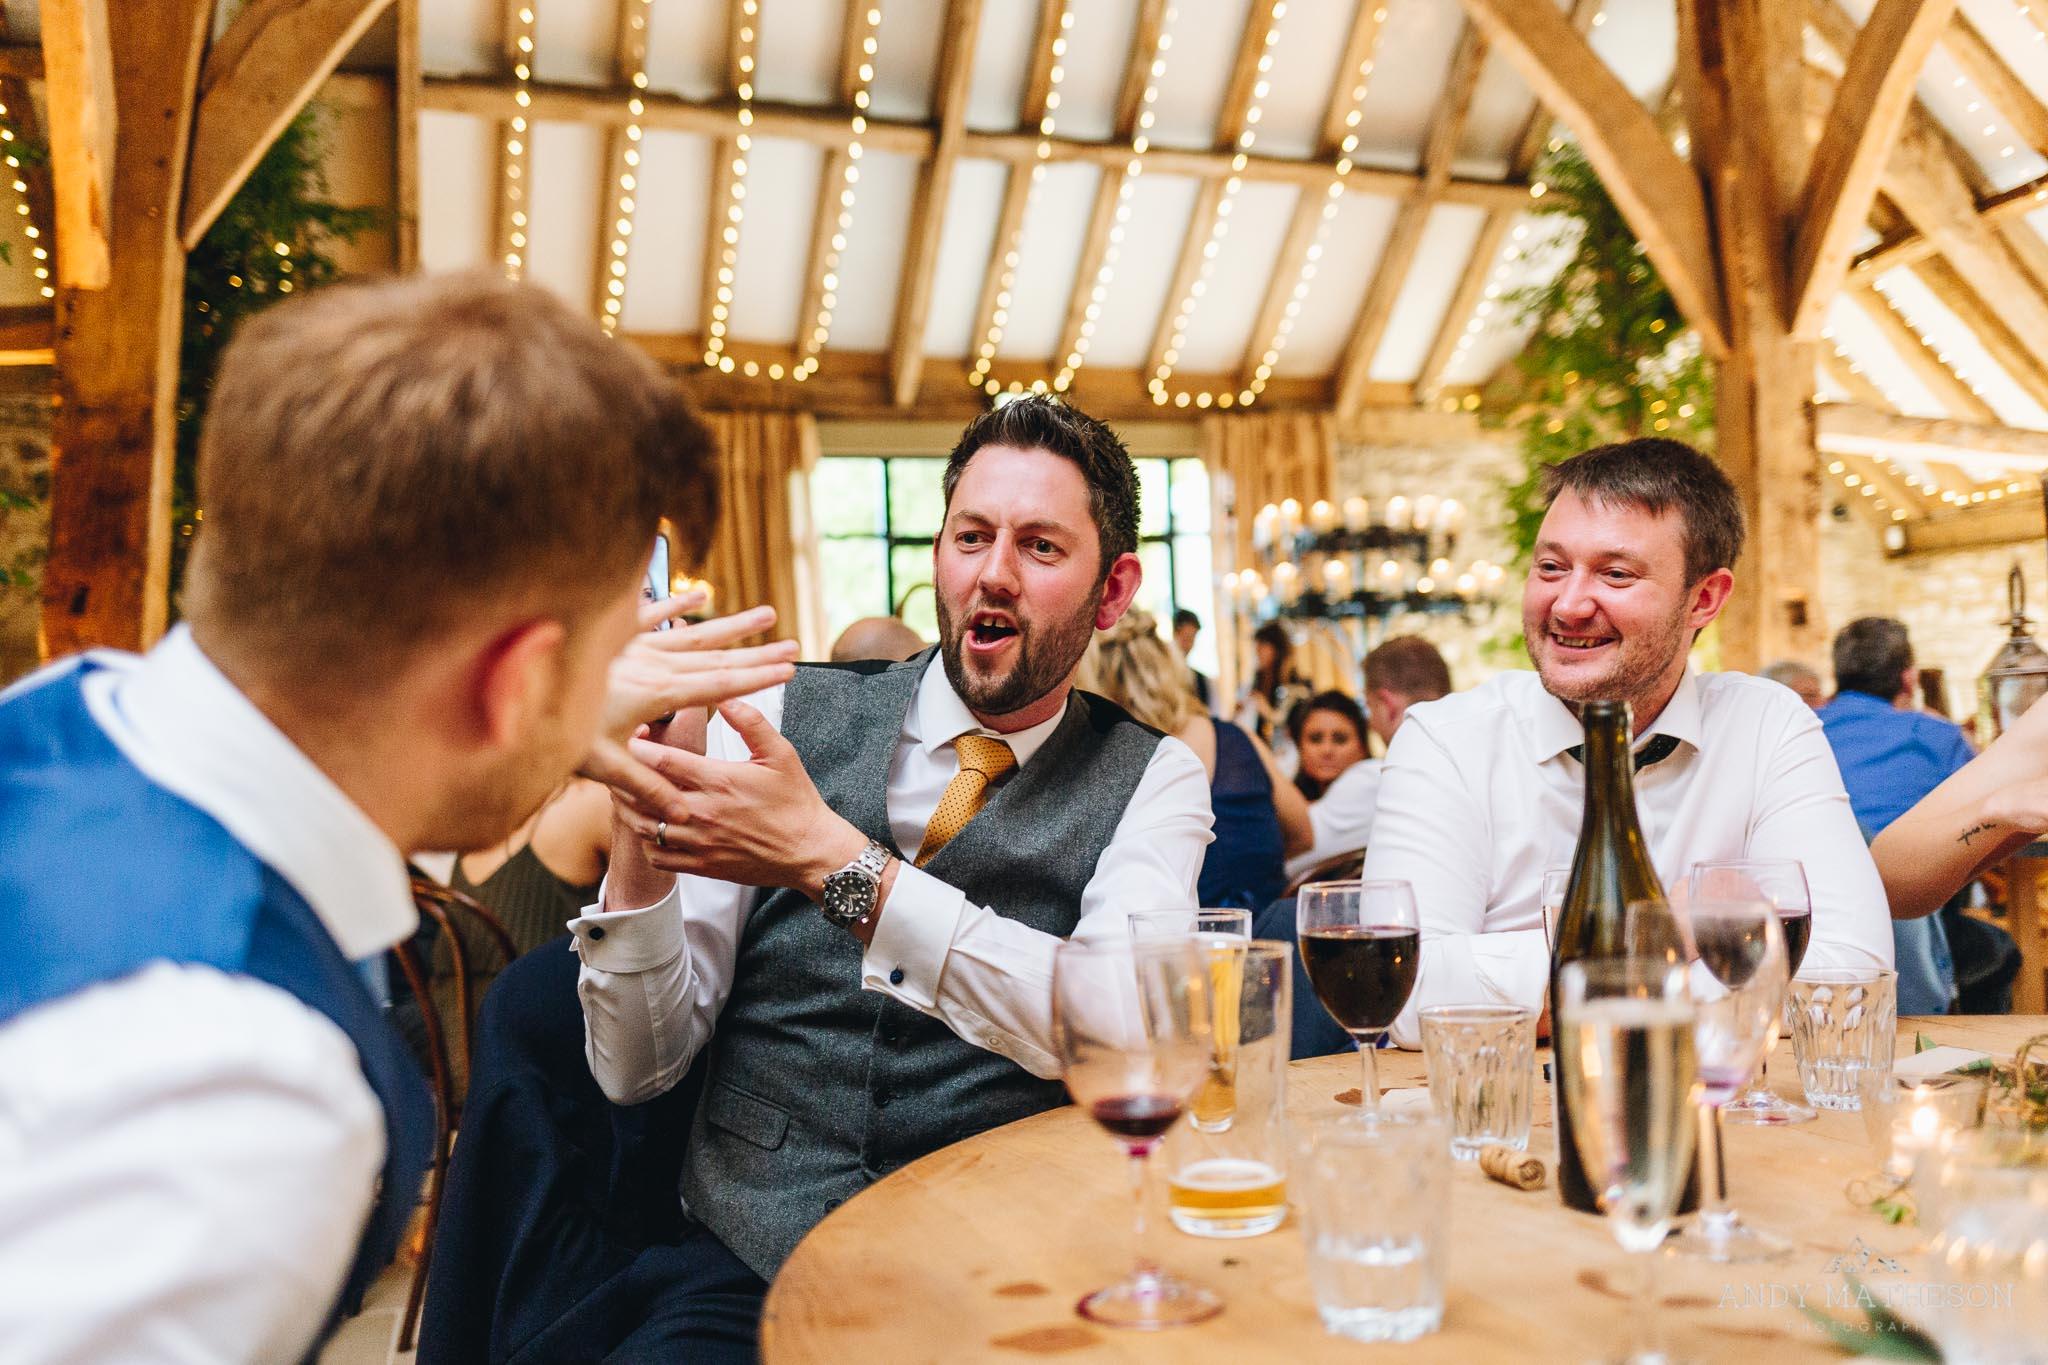 Tithe Barn Bolton Abbey Wedding Photographer_Andy Matheson_075.jpg